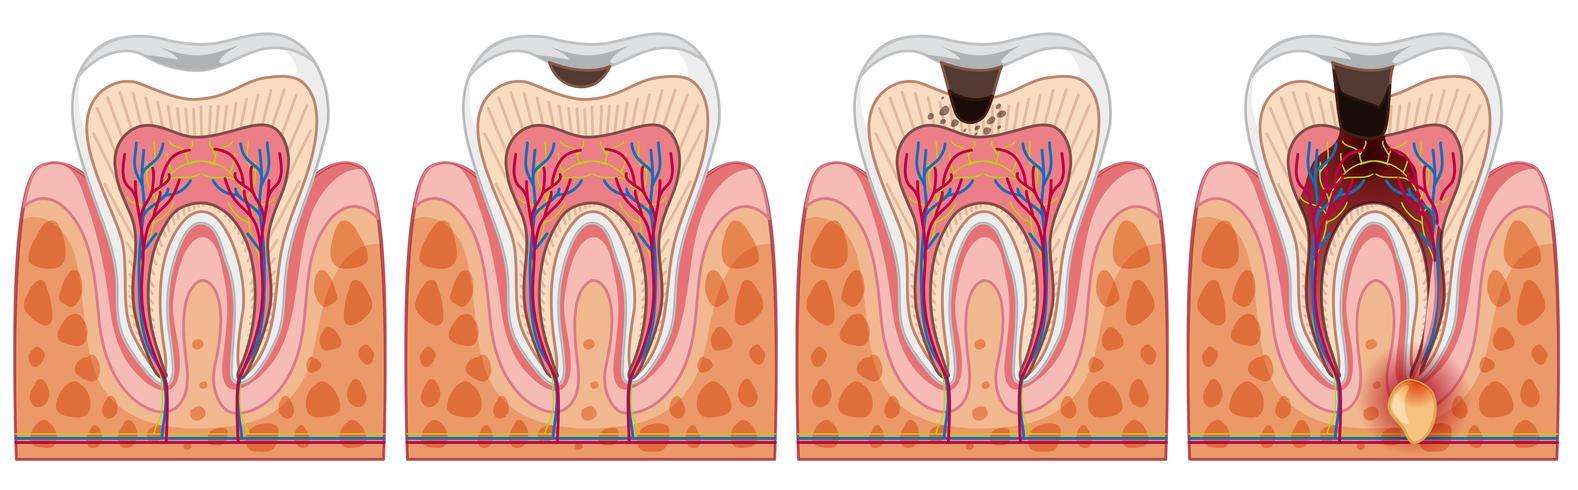 Un conjunto de diente humano